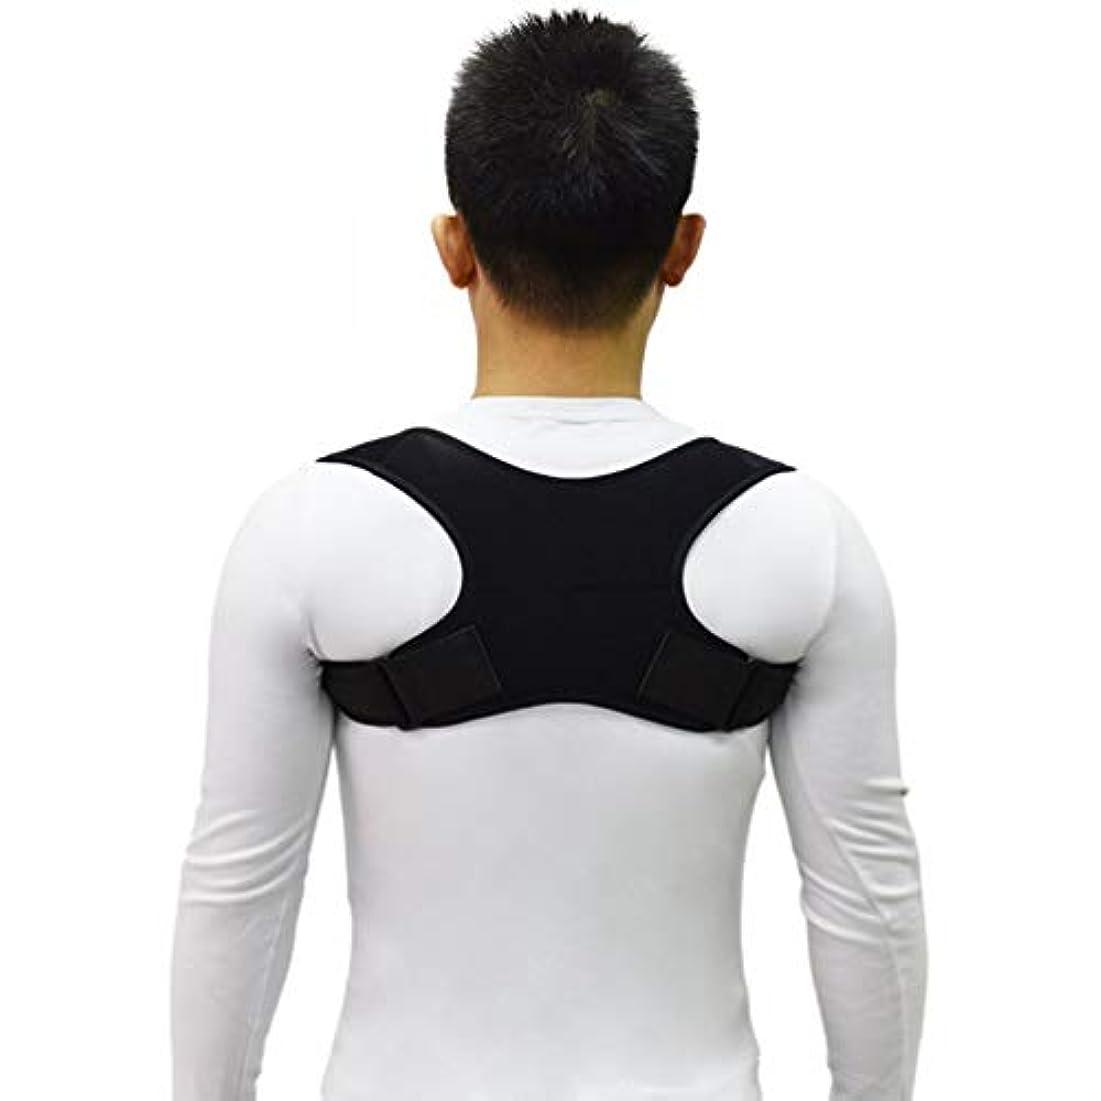 非アクティブ研磨剤細部新しいアッパーバックポスチャーコレクター姿勢鎖骨サポートコレクターバックストレートショルダーブレースストラップコレクター - ブラック